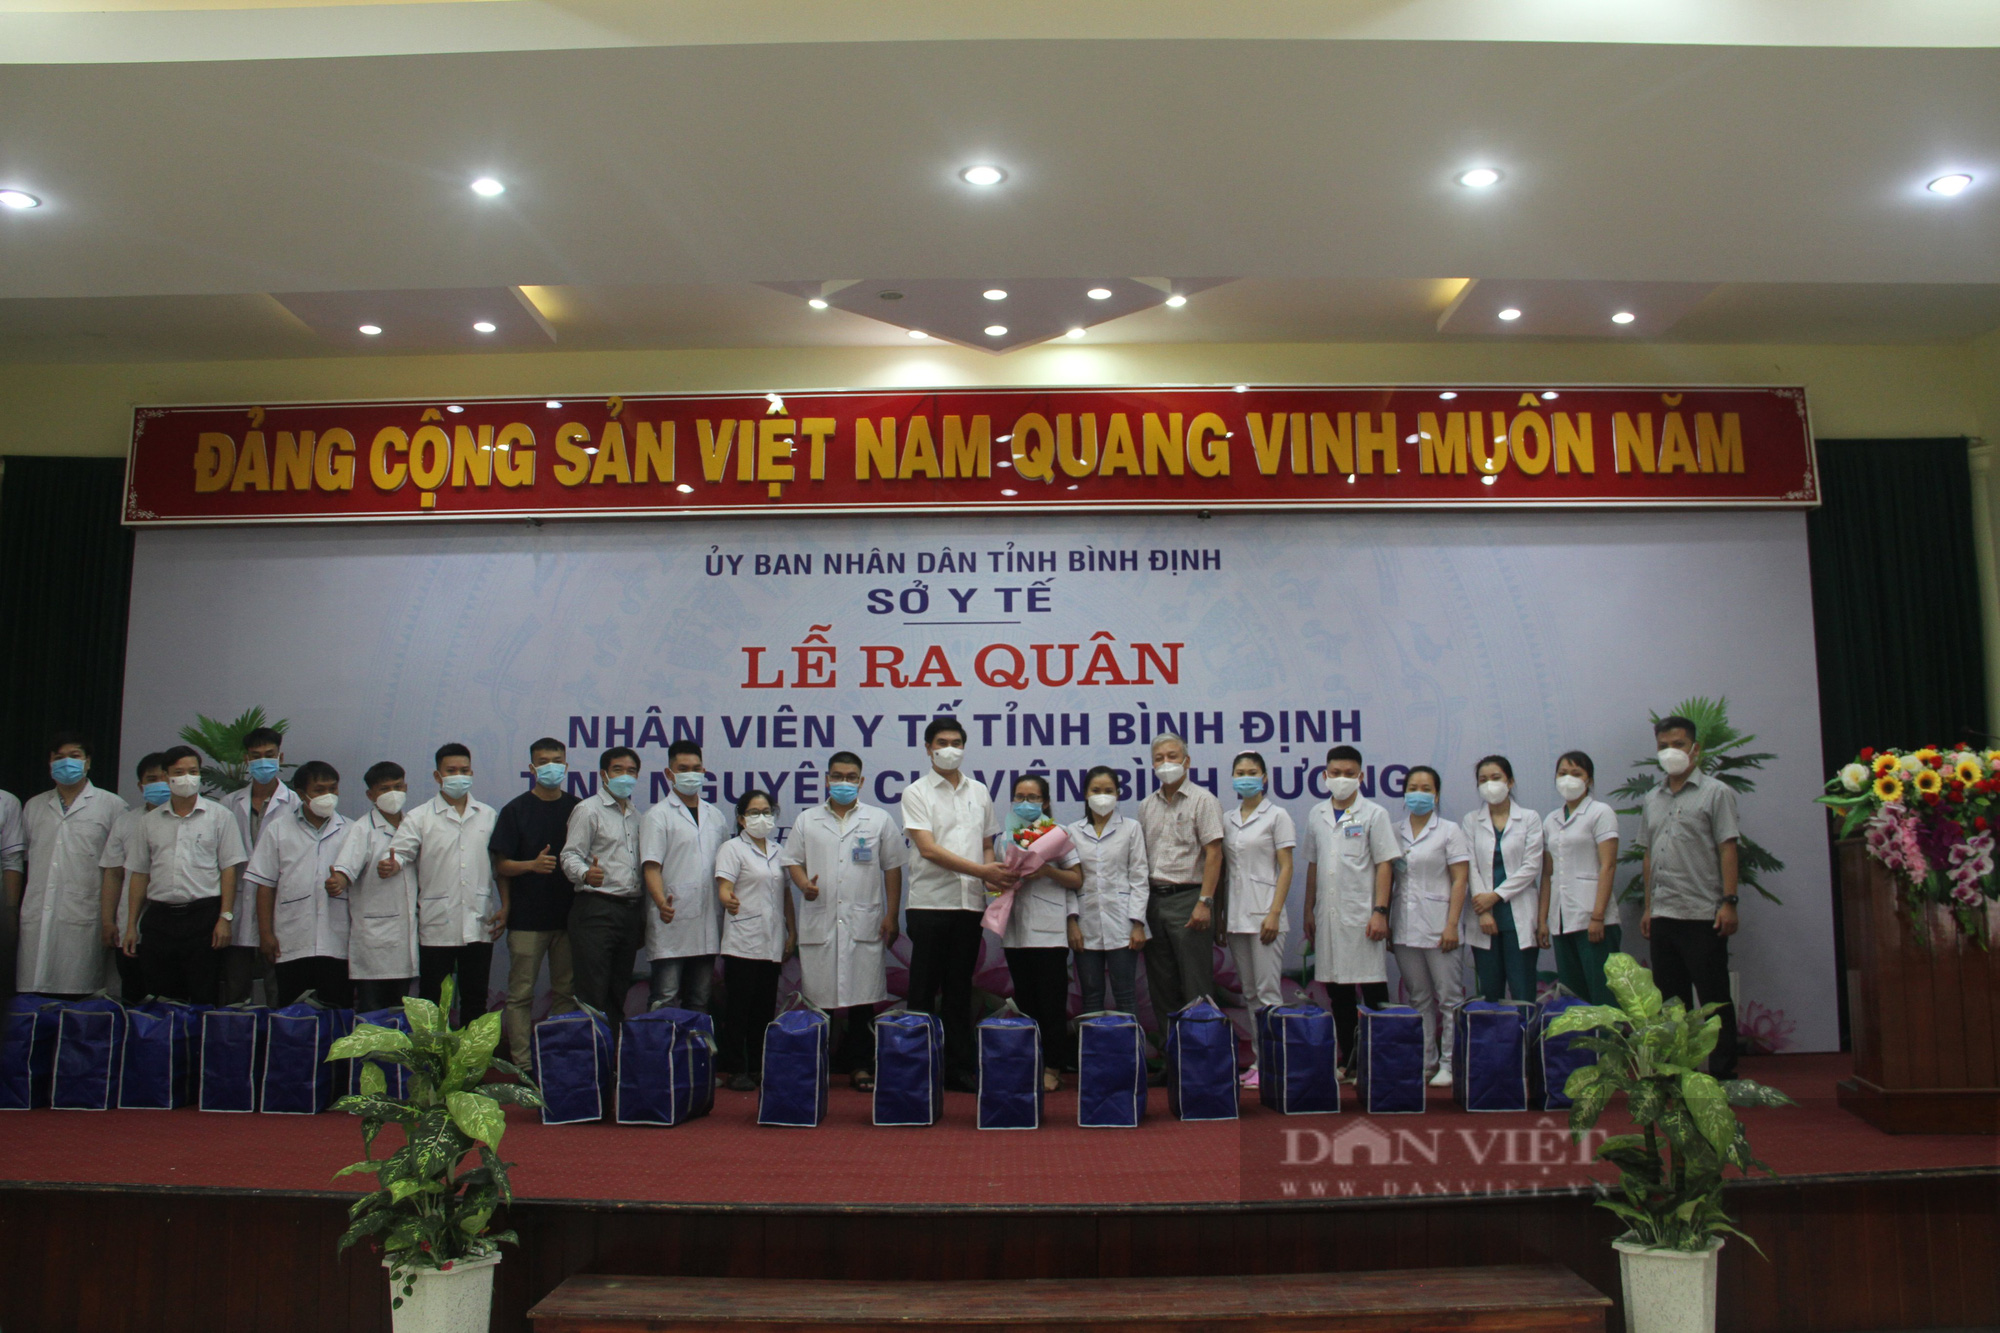 """Bác sĩ Bình Định vào Nam chống dịch: """"Đến khi nào TP.HCM, Bình Dương hết dịch mới về"""" - Ảnh 2."""